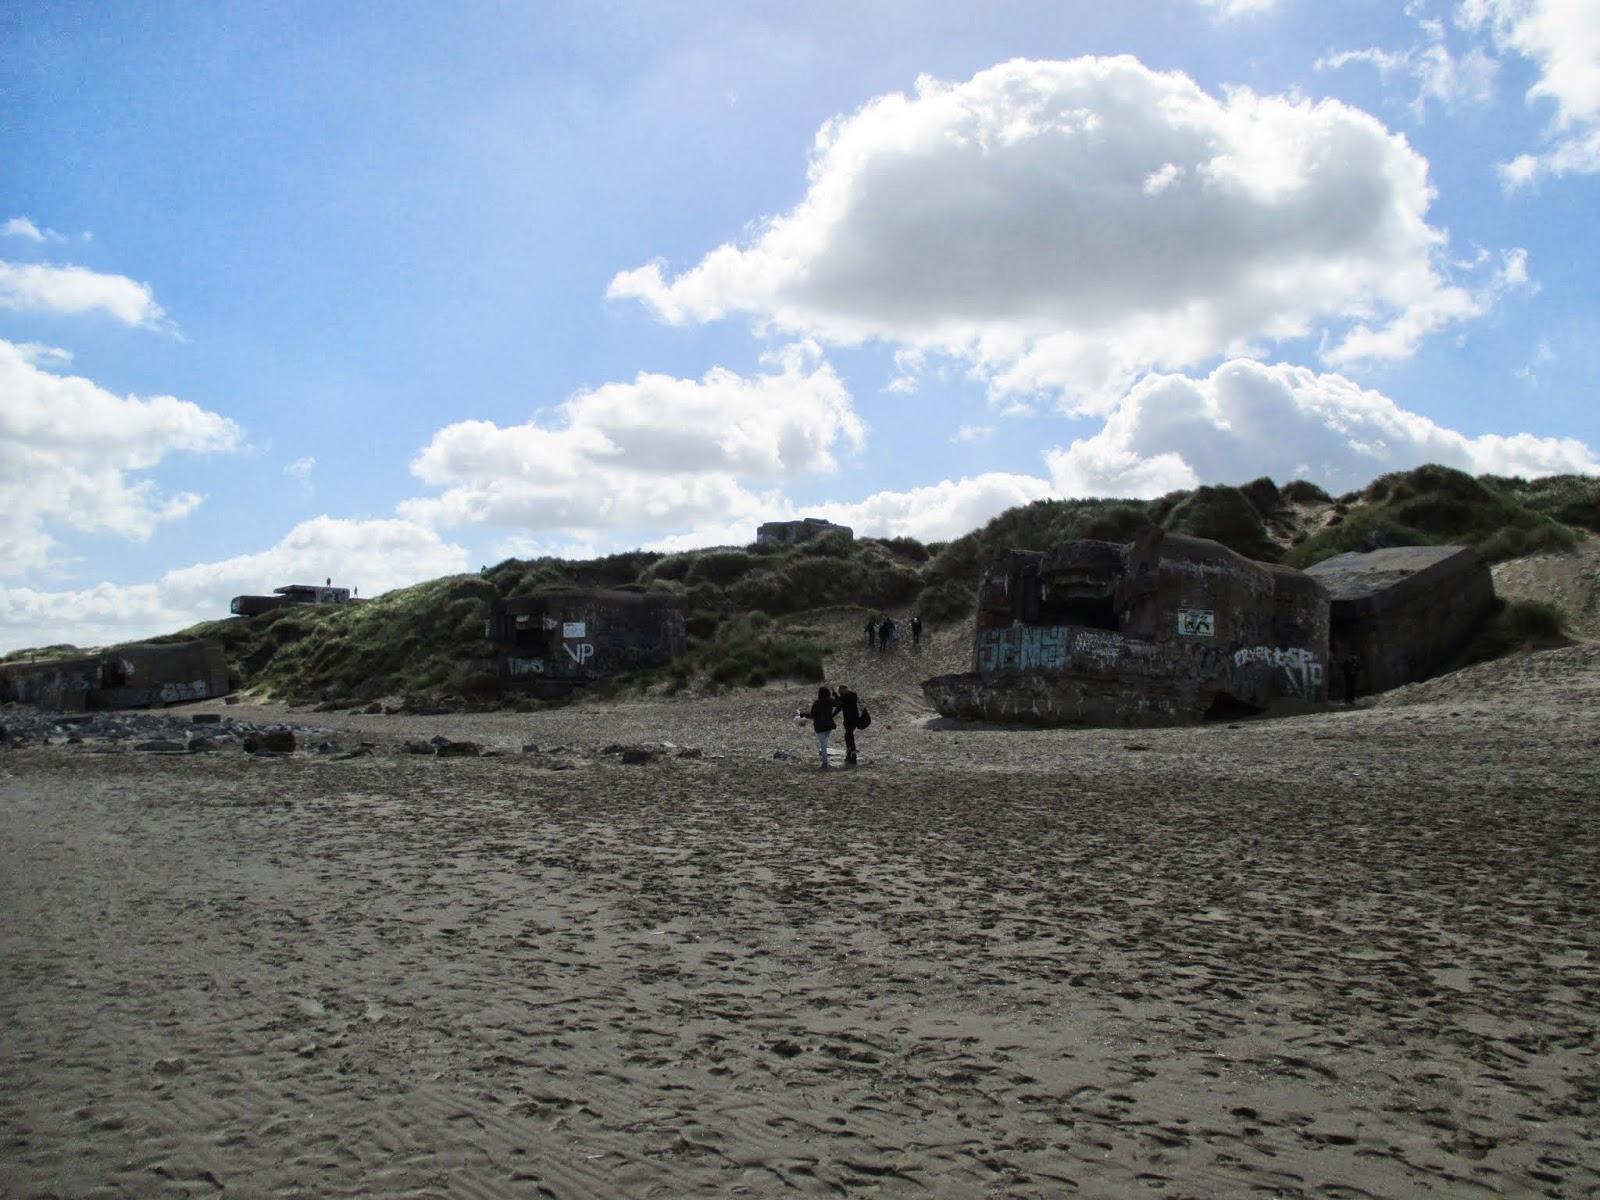 bunkers op het strand van Leffrinckoucke